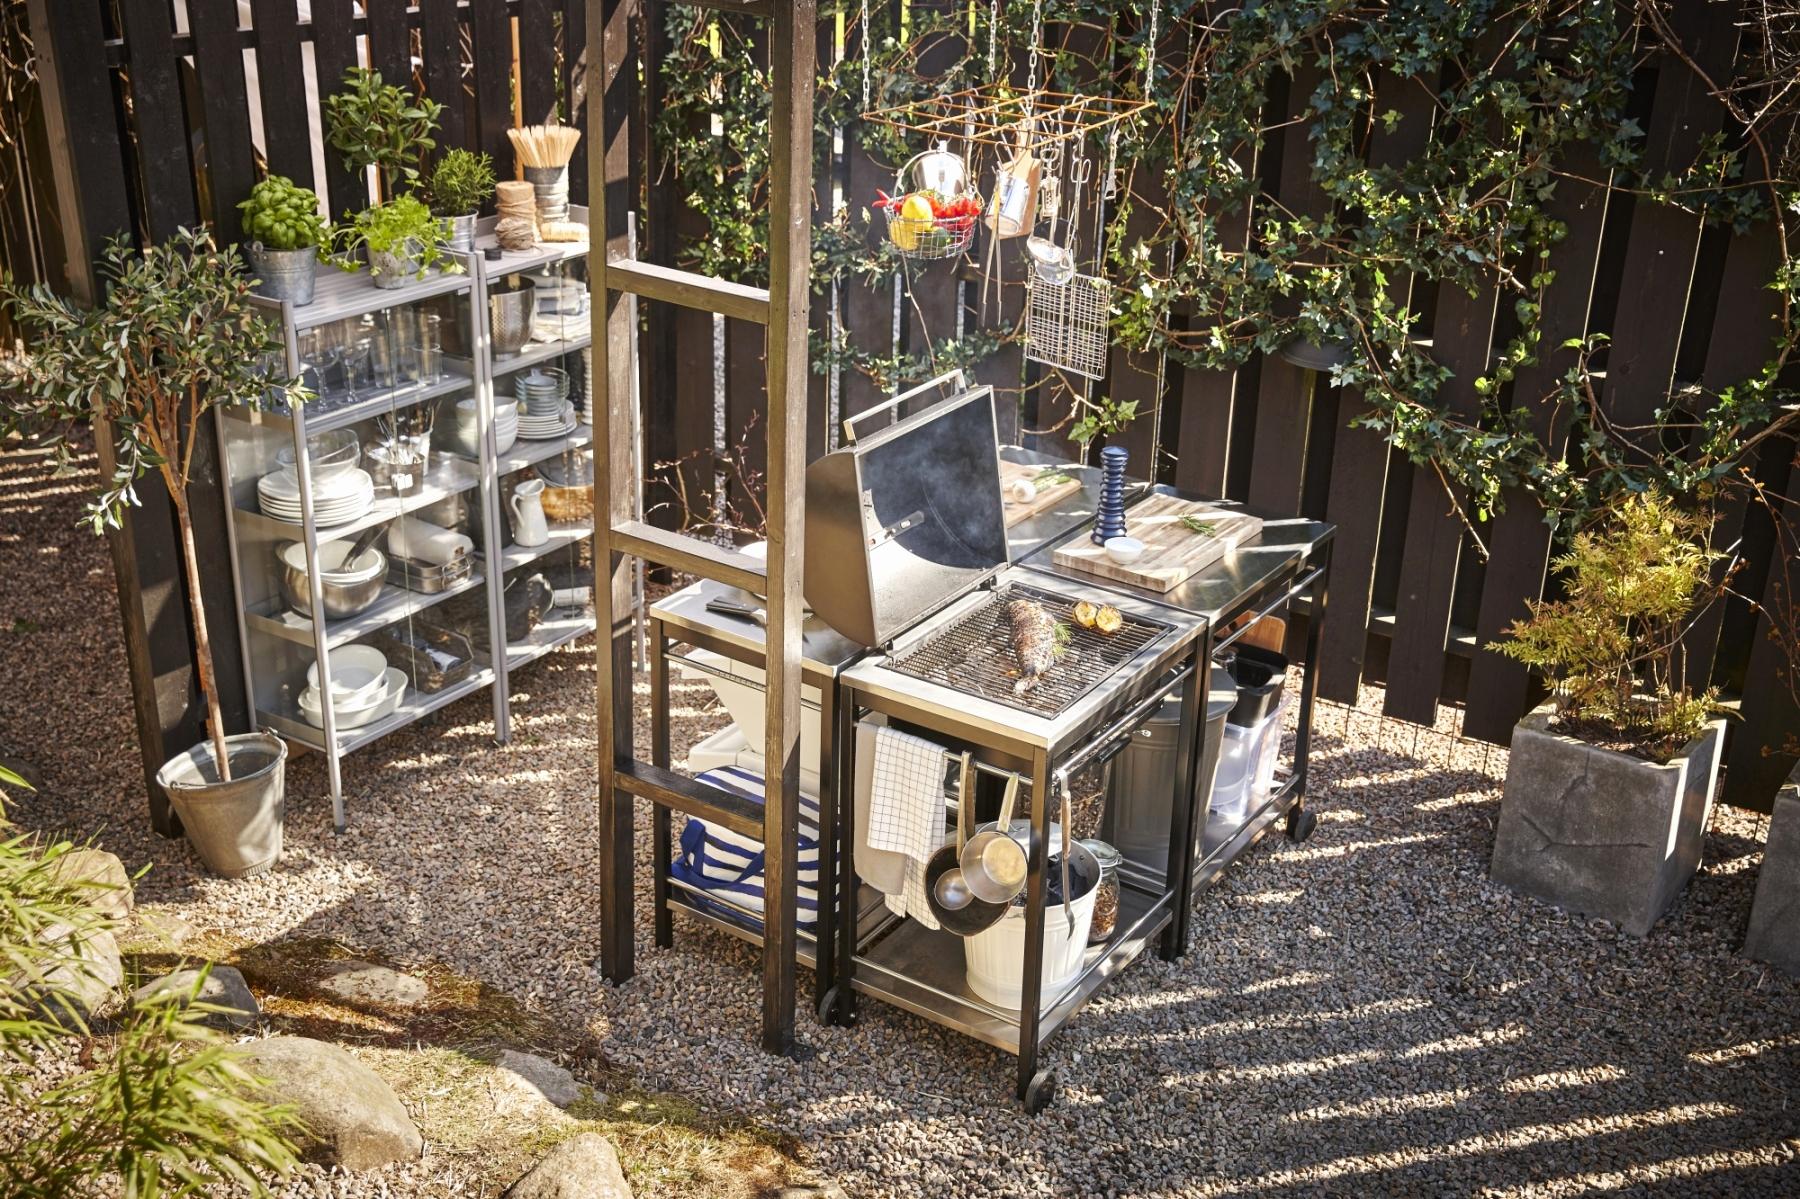 Amenagement Exterieur Coin Barbecue Inspirant Collection De Barbecue Exterieur Amenager Une Cuisine Exterieure Mobilier